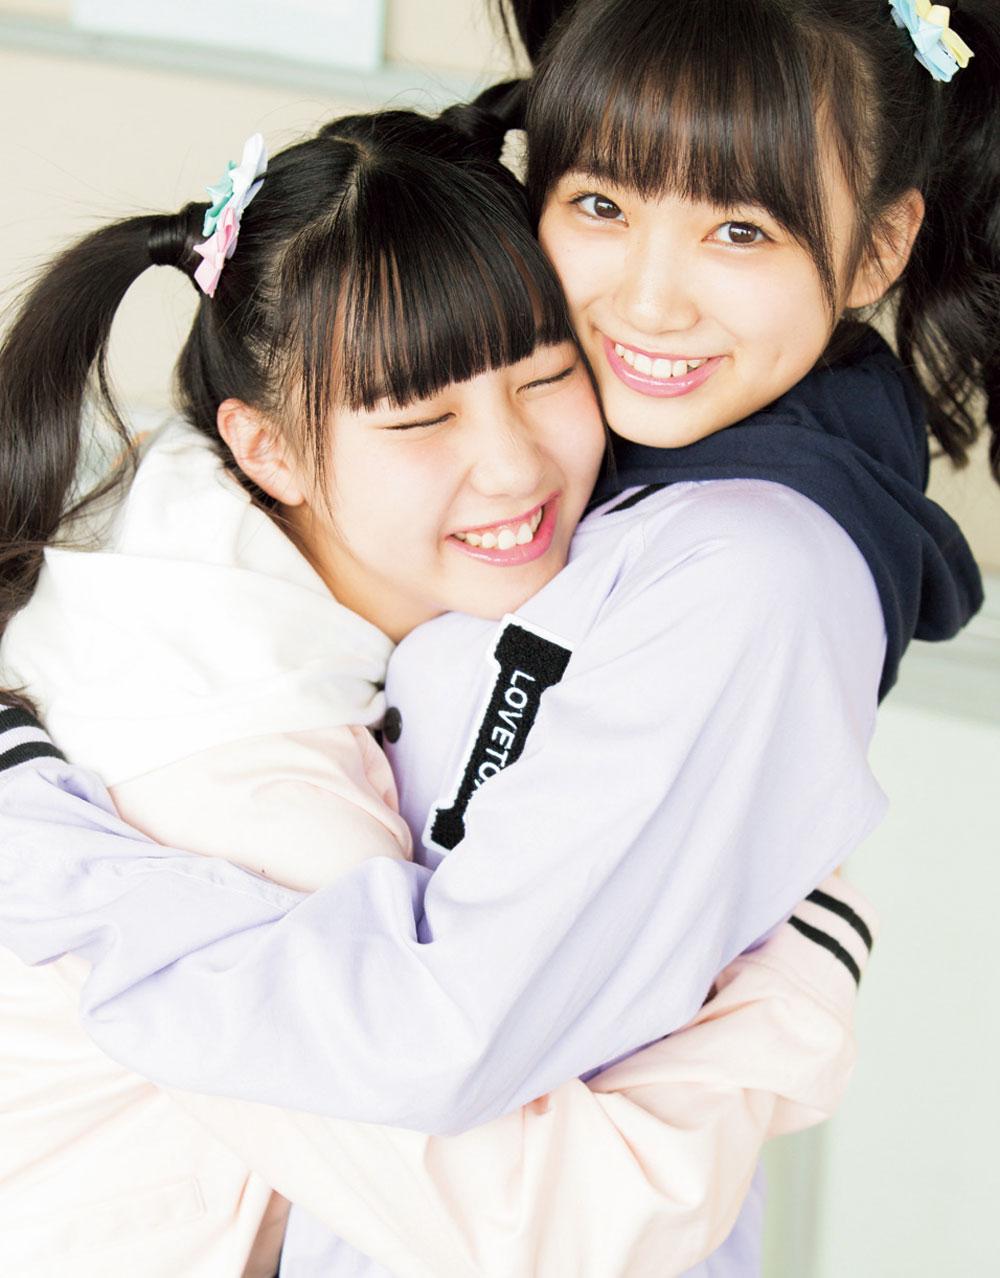 矢吹奈子 (HKT48 チームH/AKB48 チームB兼任)田中美久(HKT48チームH)